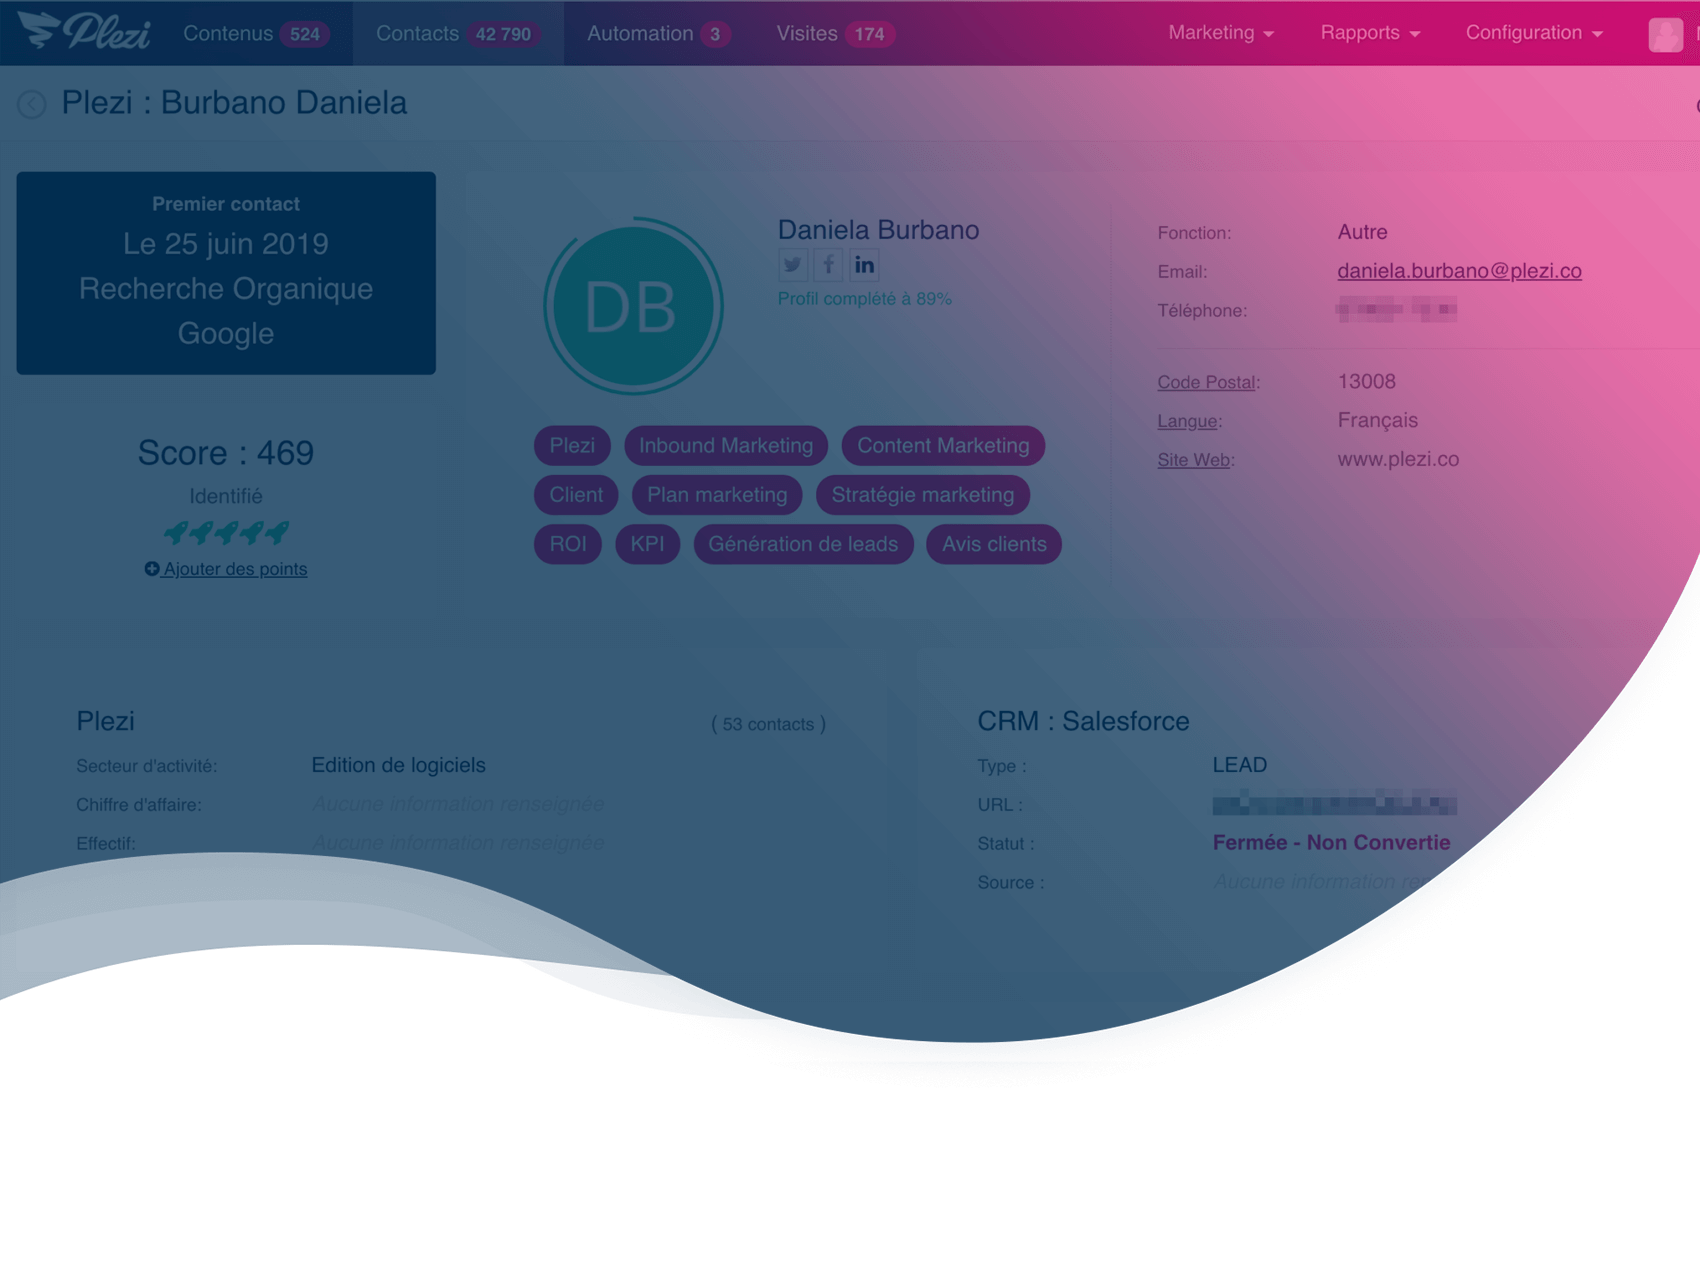 Fiche contact Plezi: tout ce que vous voulez savoir sur vos prospects B2B